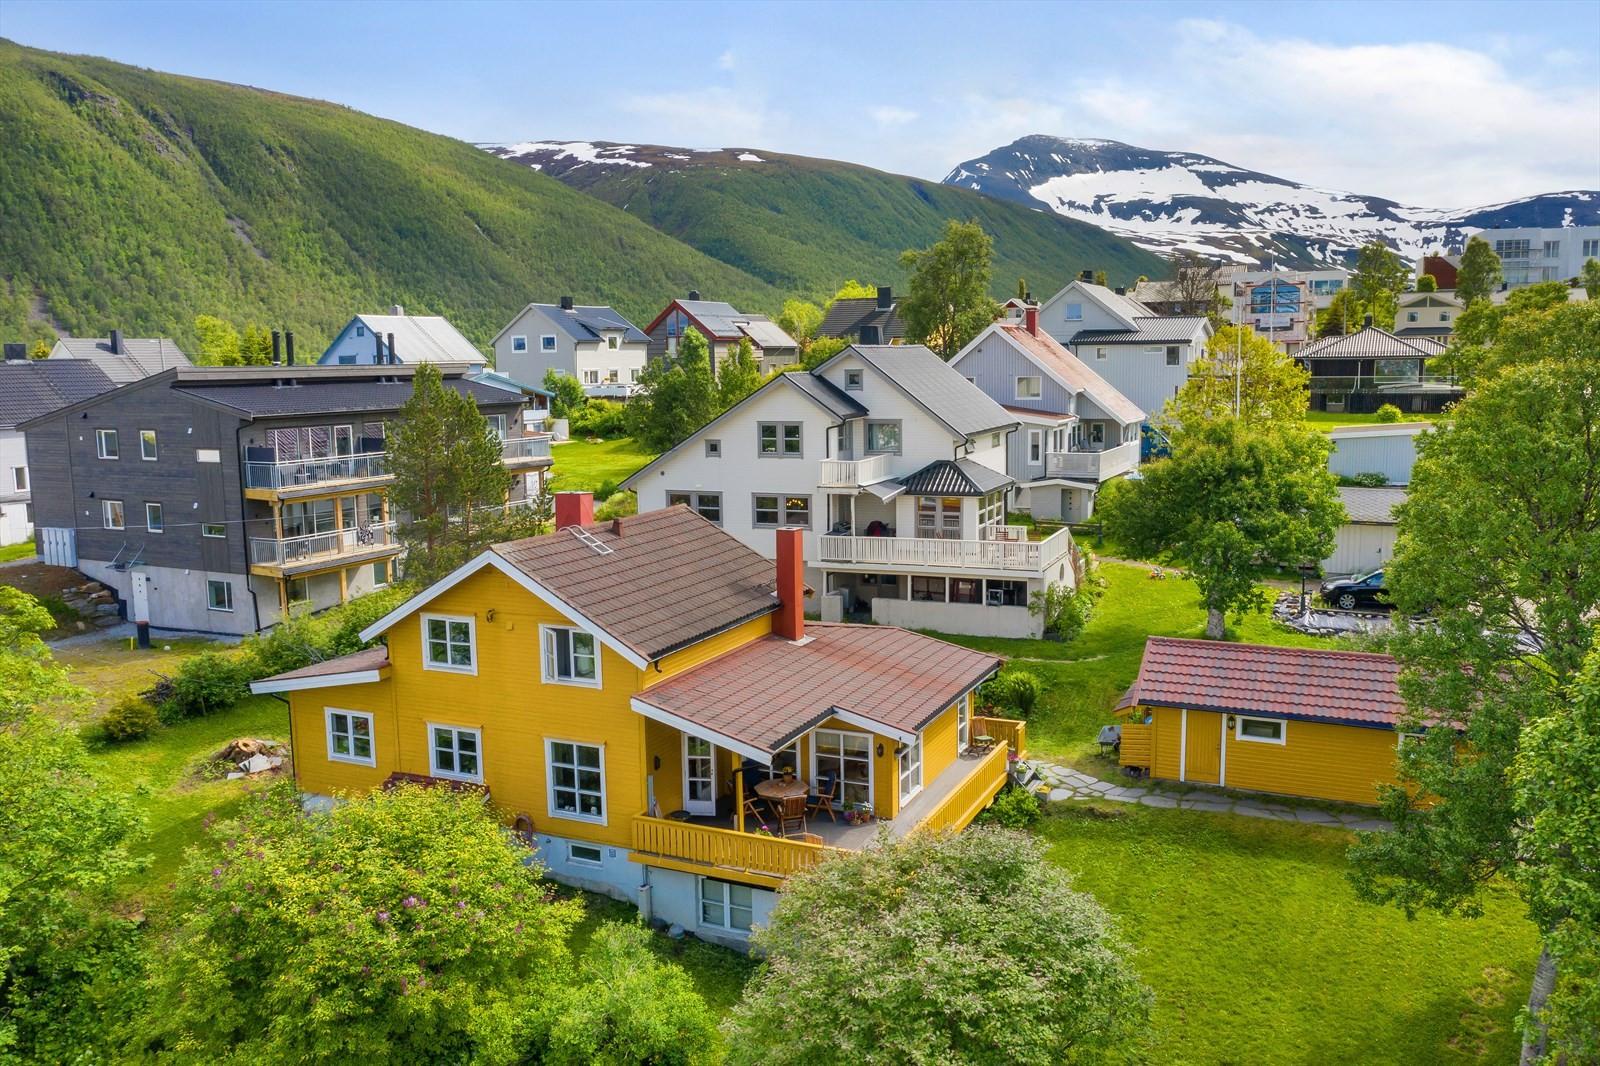 Tønsnesvegen 34 er en stor og innholdsrik bolig med svært attraktiv beliggenhet sentralt i Tromsdalen